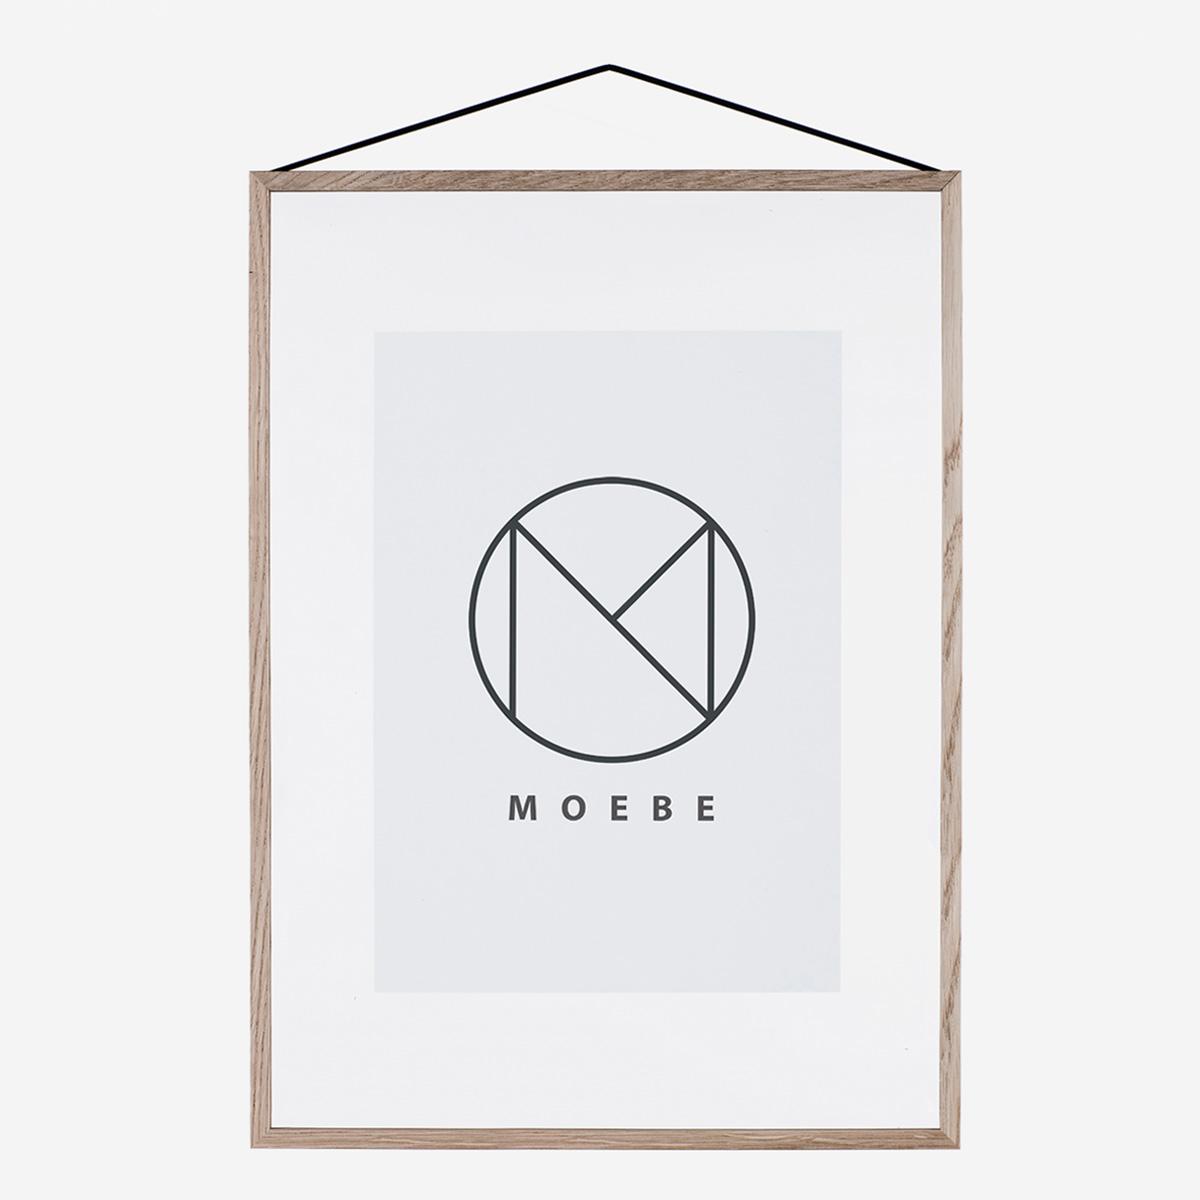 Gemütlich Verriegelbaren Rahmen Galerie - Benutzerdefinierte ...